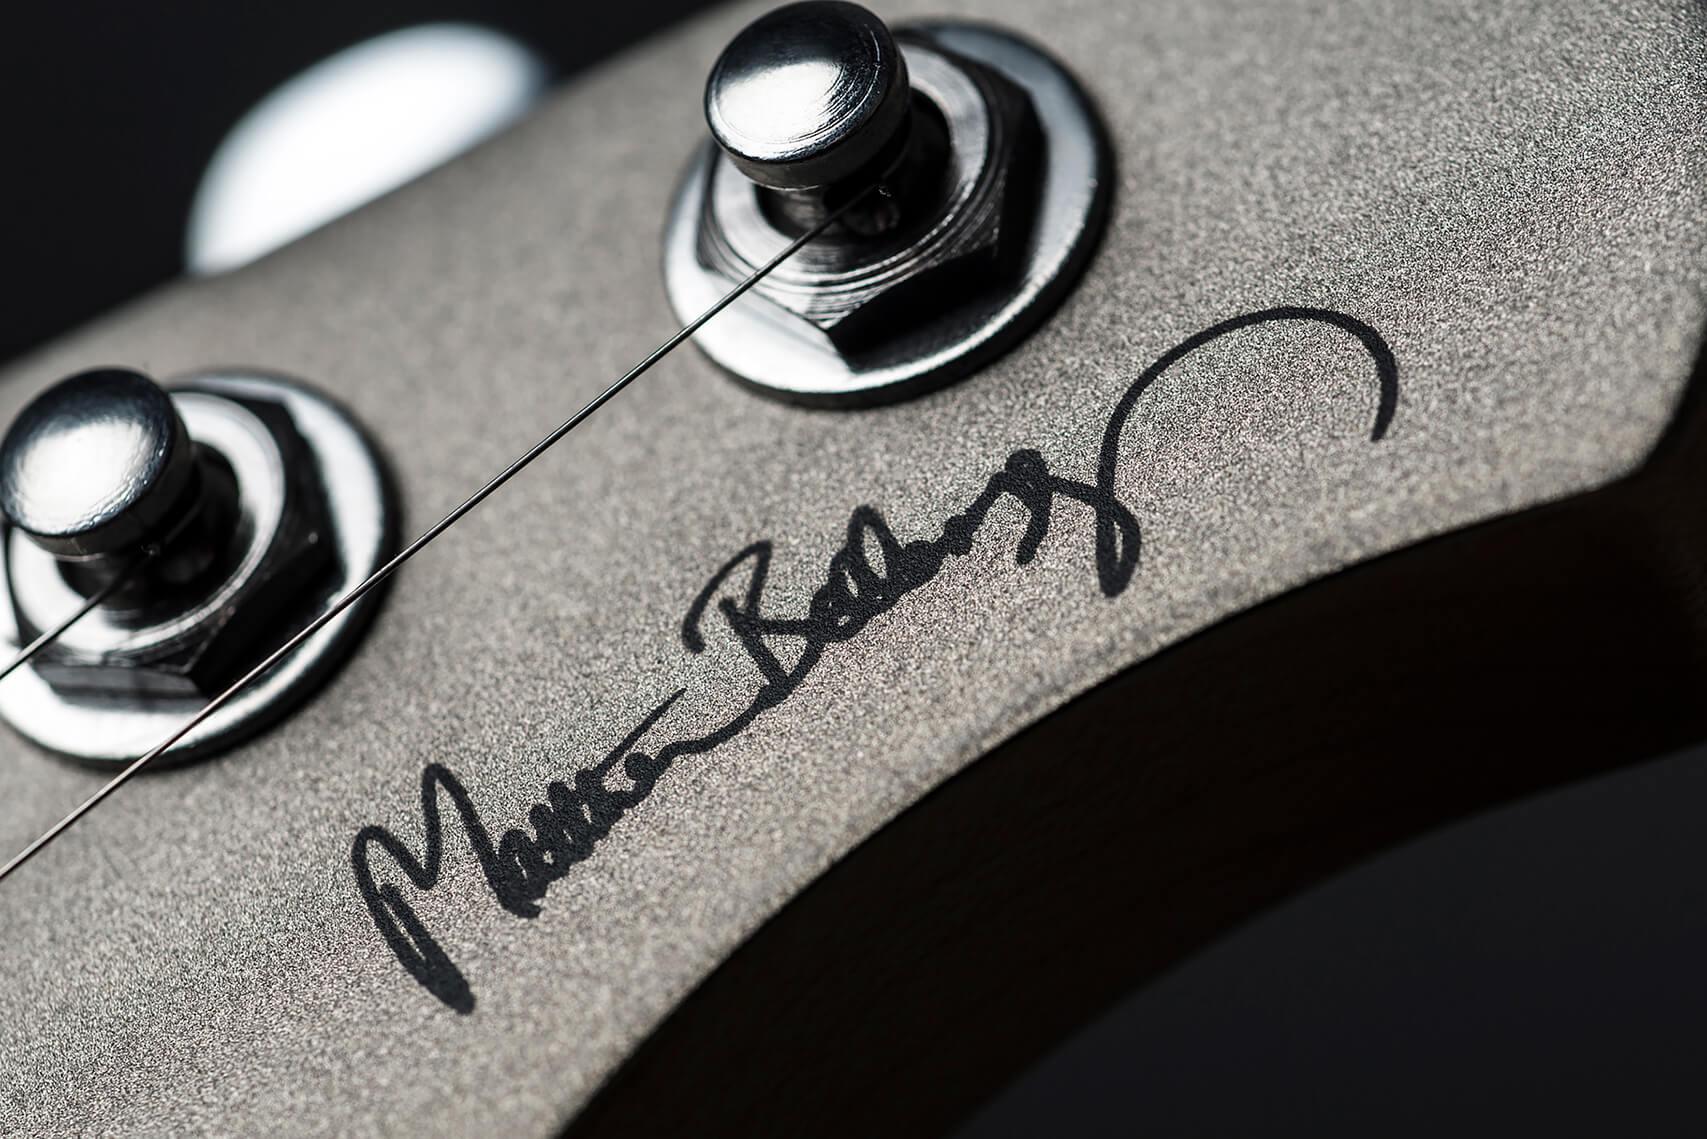 Manson Meta MBM-1 Big Review (Signature)